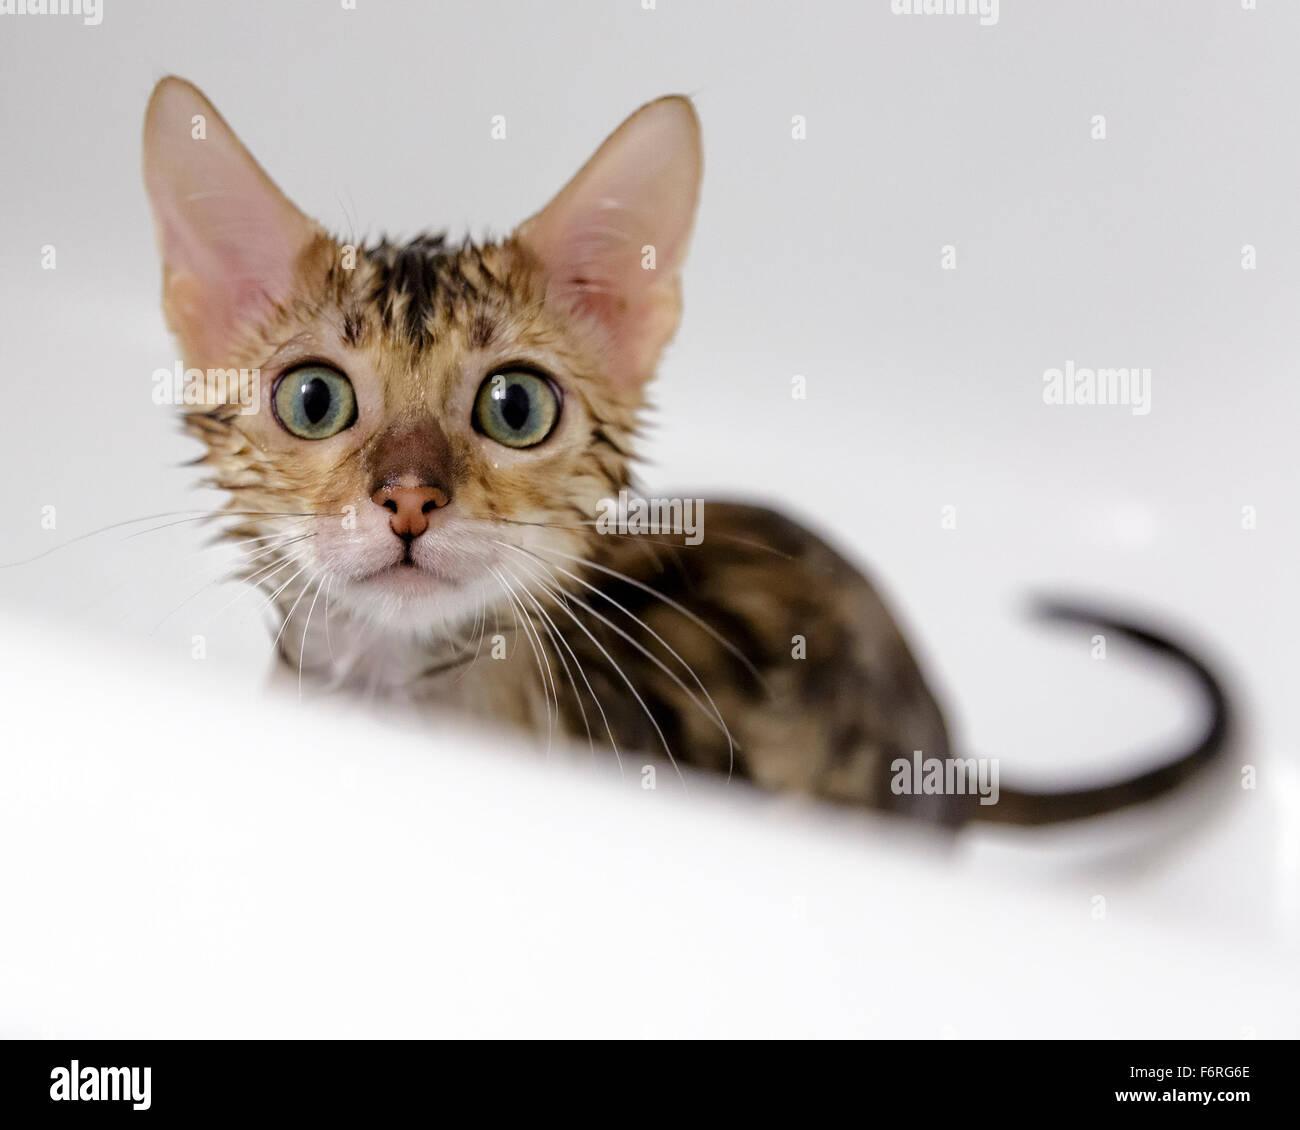 Femmina Gatto bengala gattino guardando la fotocamera mentre avente vasca da bagno e doccia in vasca modello di Immagini Stock